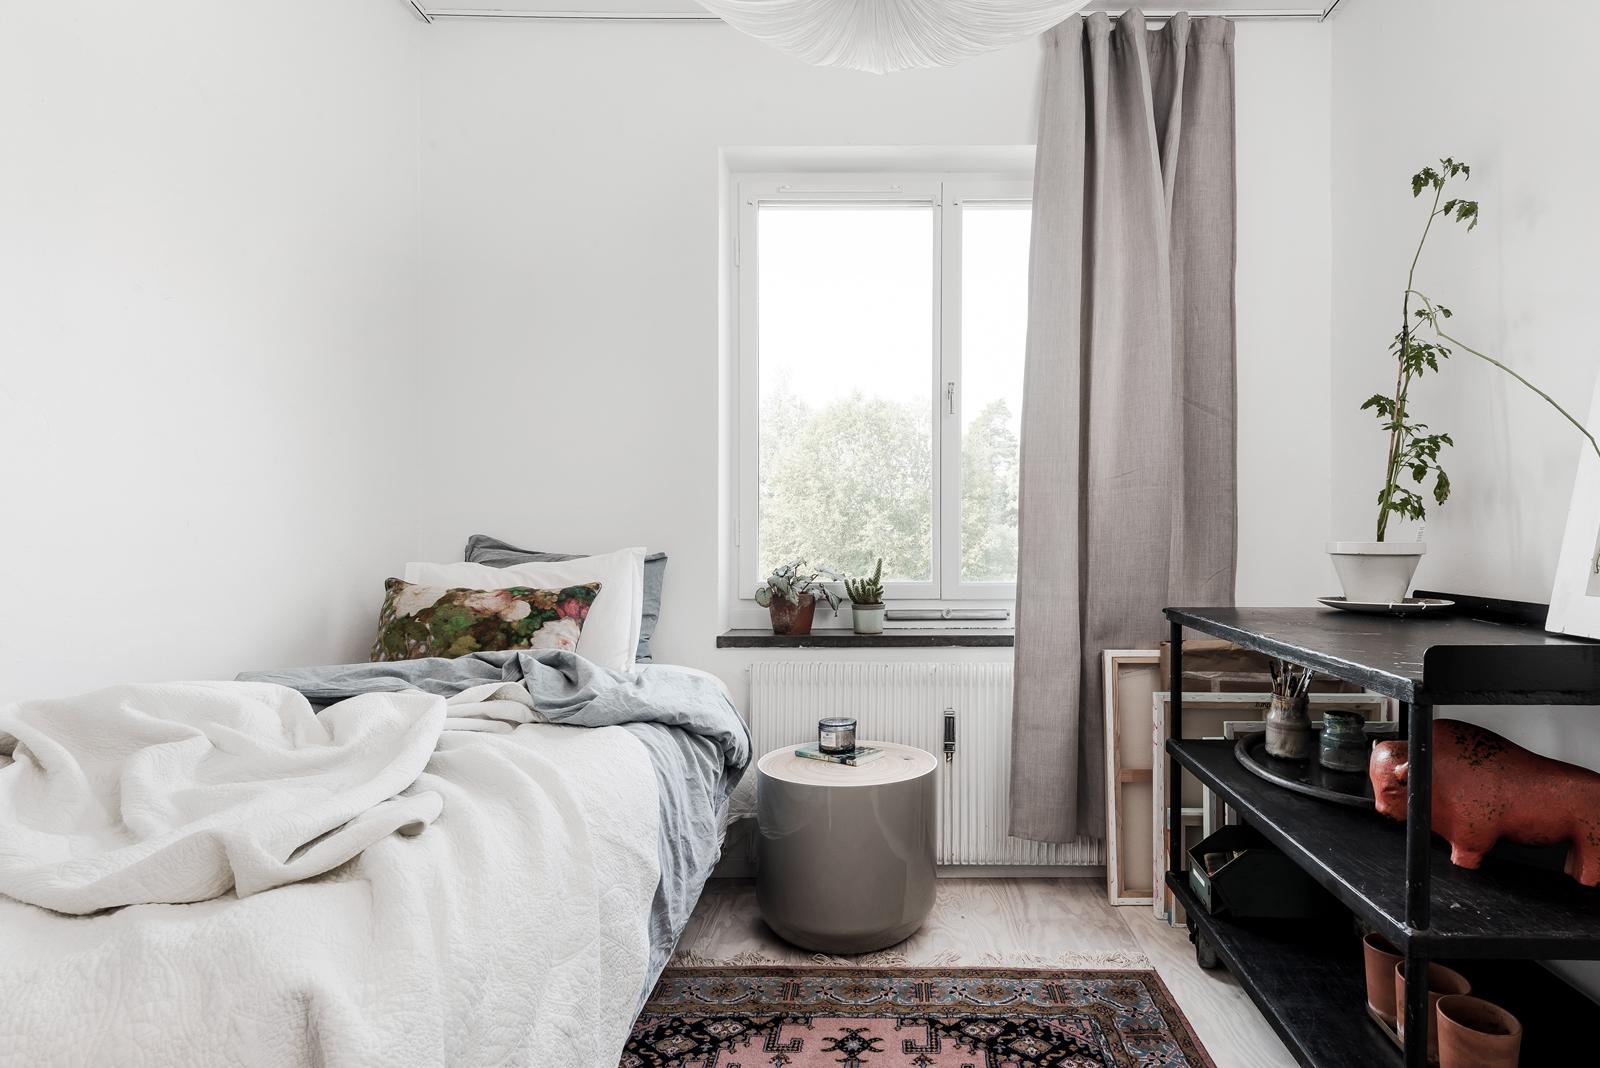 спальня кровать ковер окно